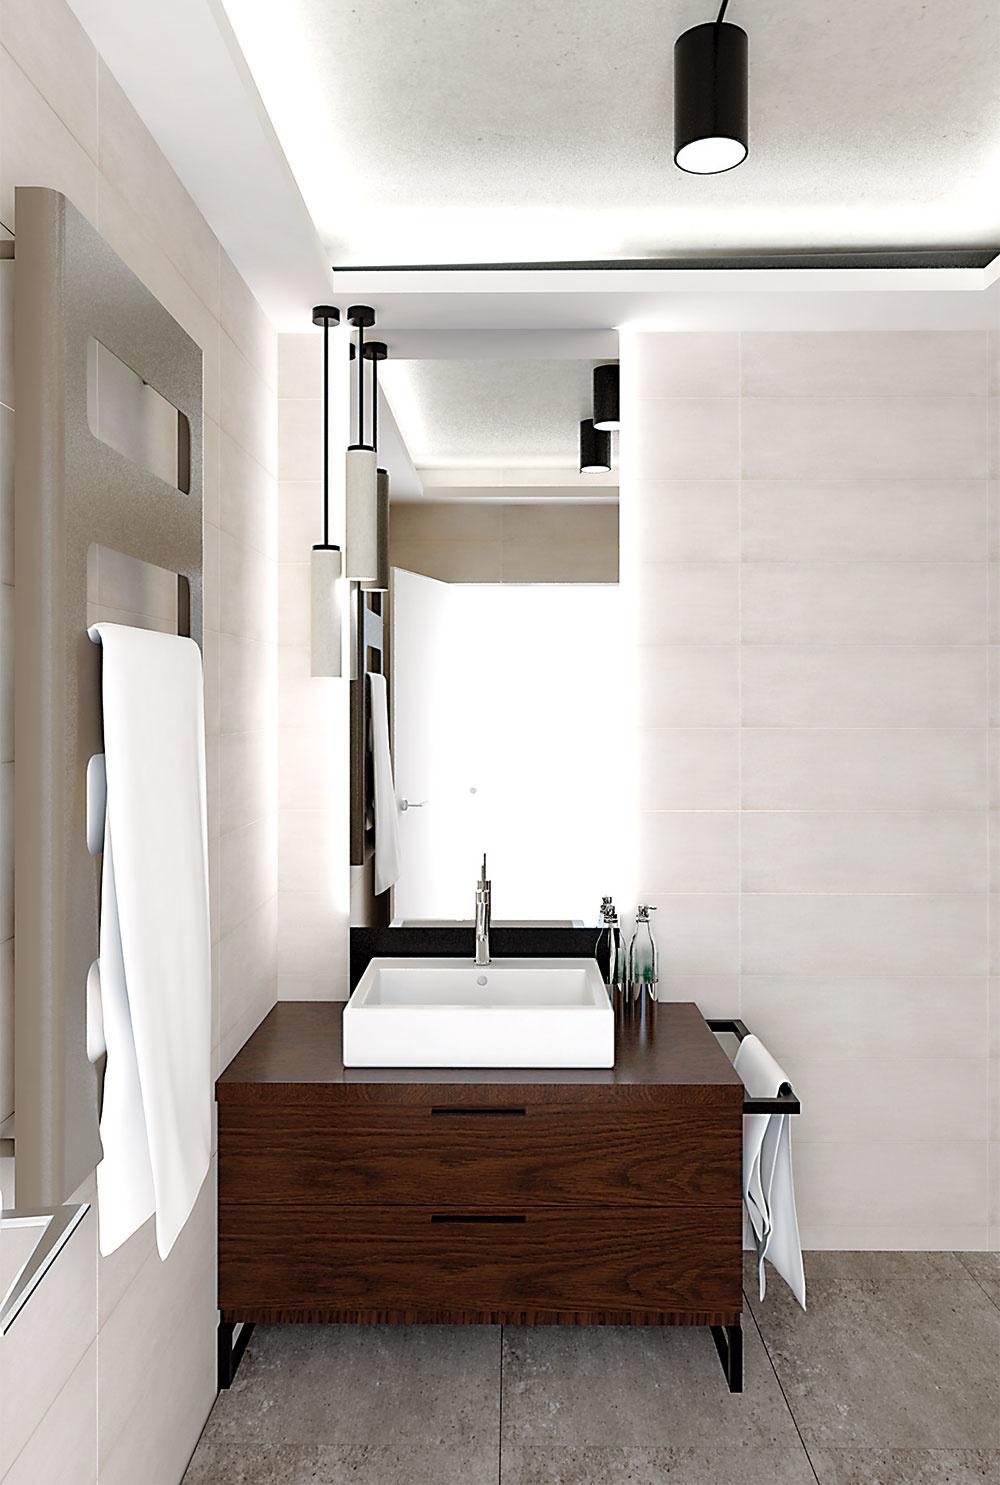 Umývadlová skrinka s dvomi zásuvkami je postavená na čiernych kovových podnožiach, ktoré pôsobia industriálne. Nadväzuje na ňu tvarovo jednoduché podsvietené zrkadlo, ktoré siaha až po podhľad.